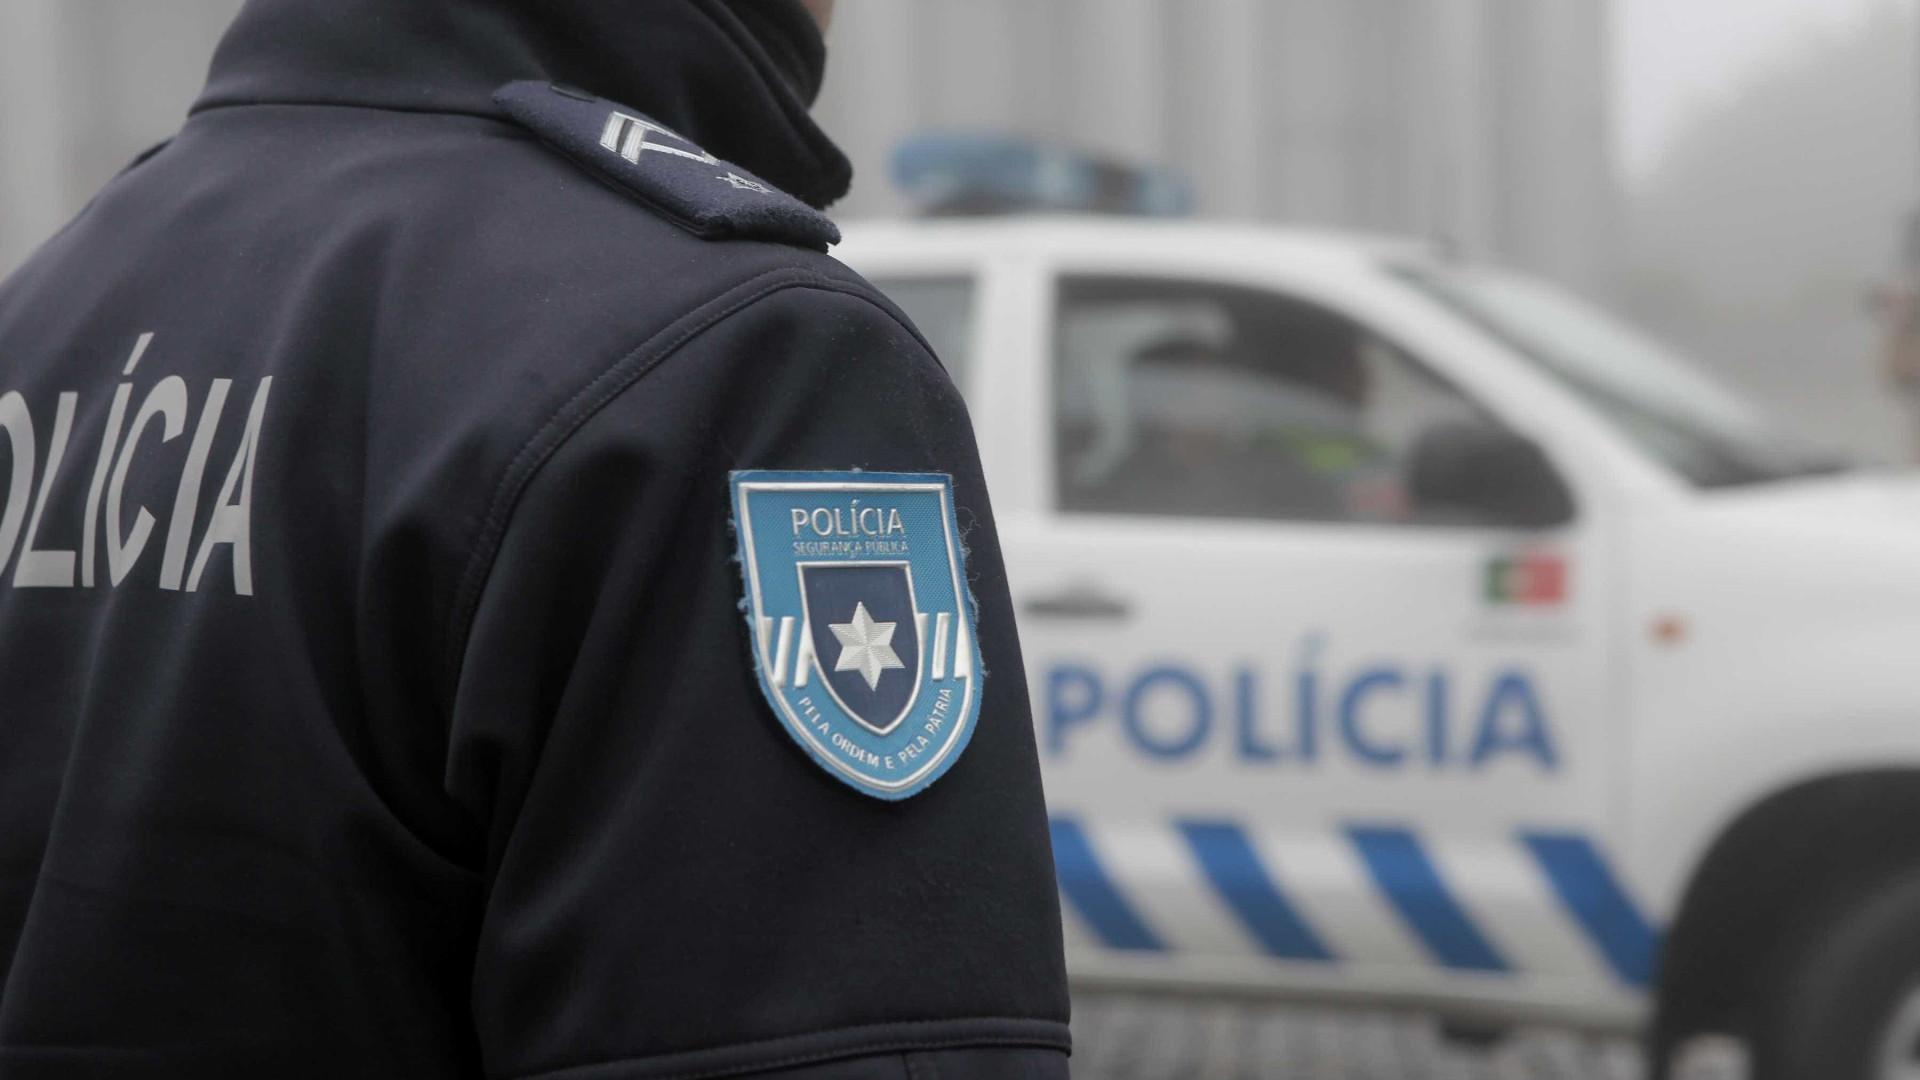 Figueira da Foz: Tentou fugir à PSP porque tinha armas no carro